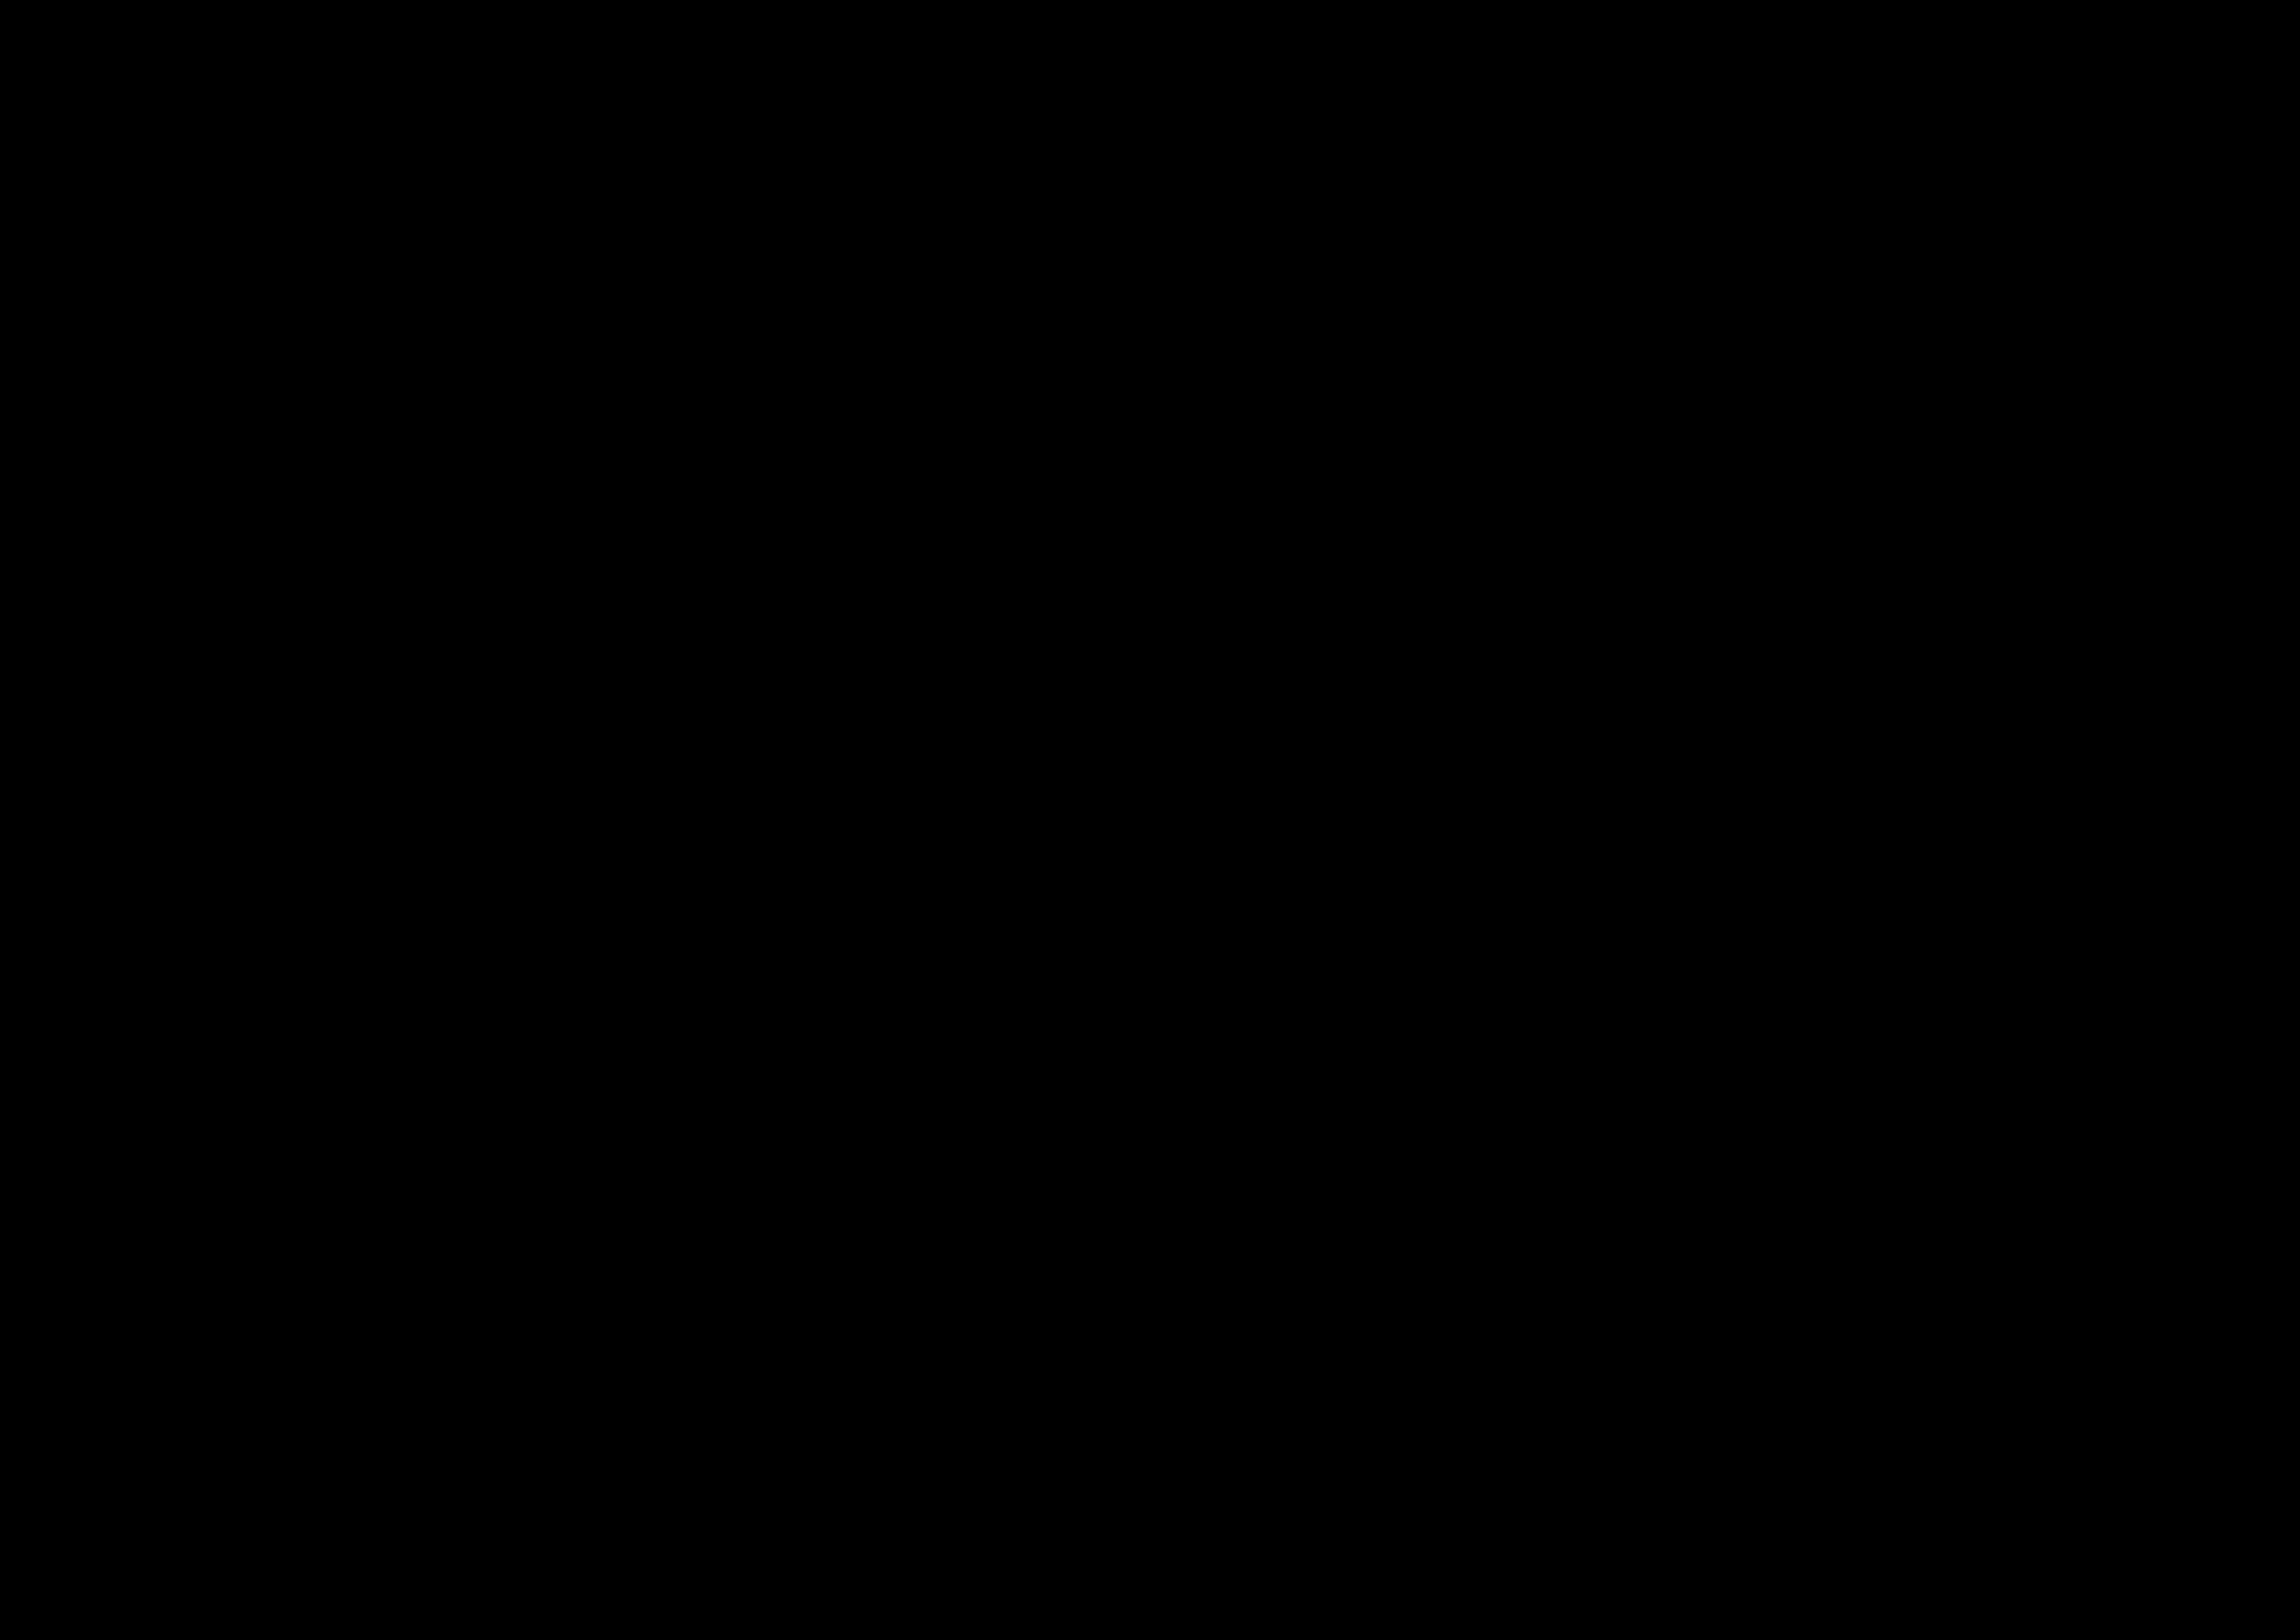 logo_protectora_Alcoy_color_sin_fondo.png